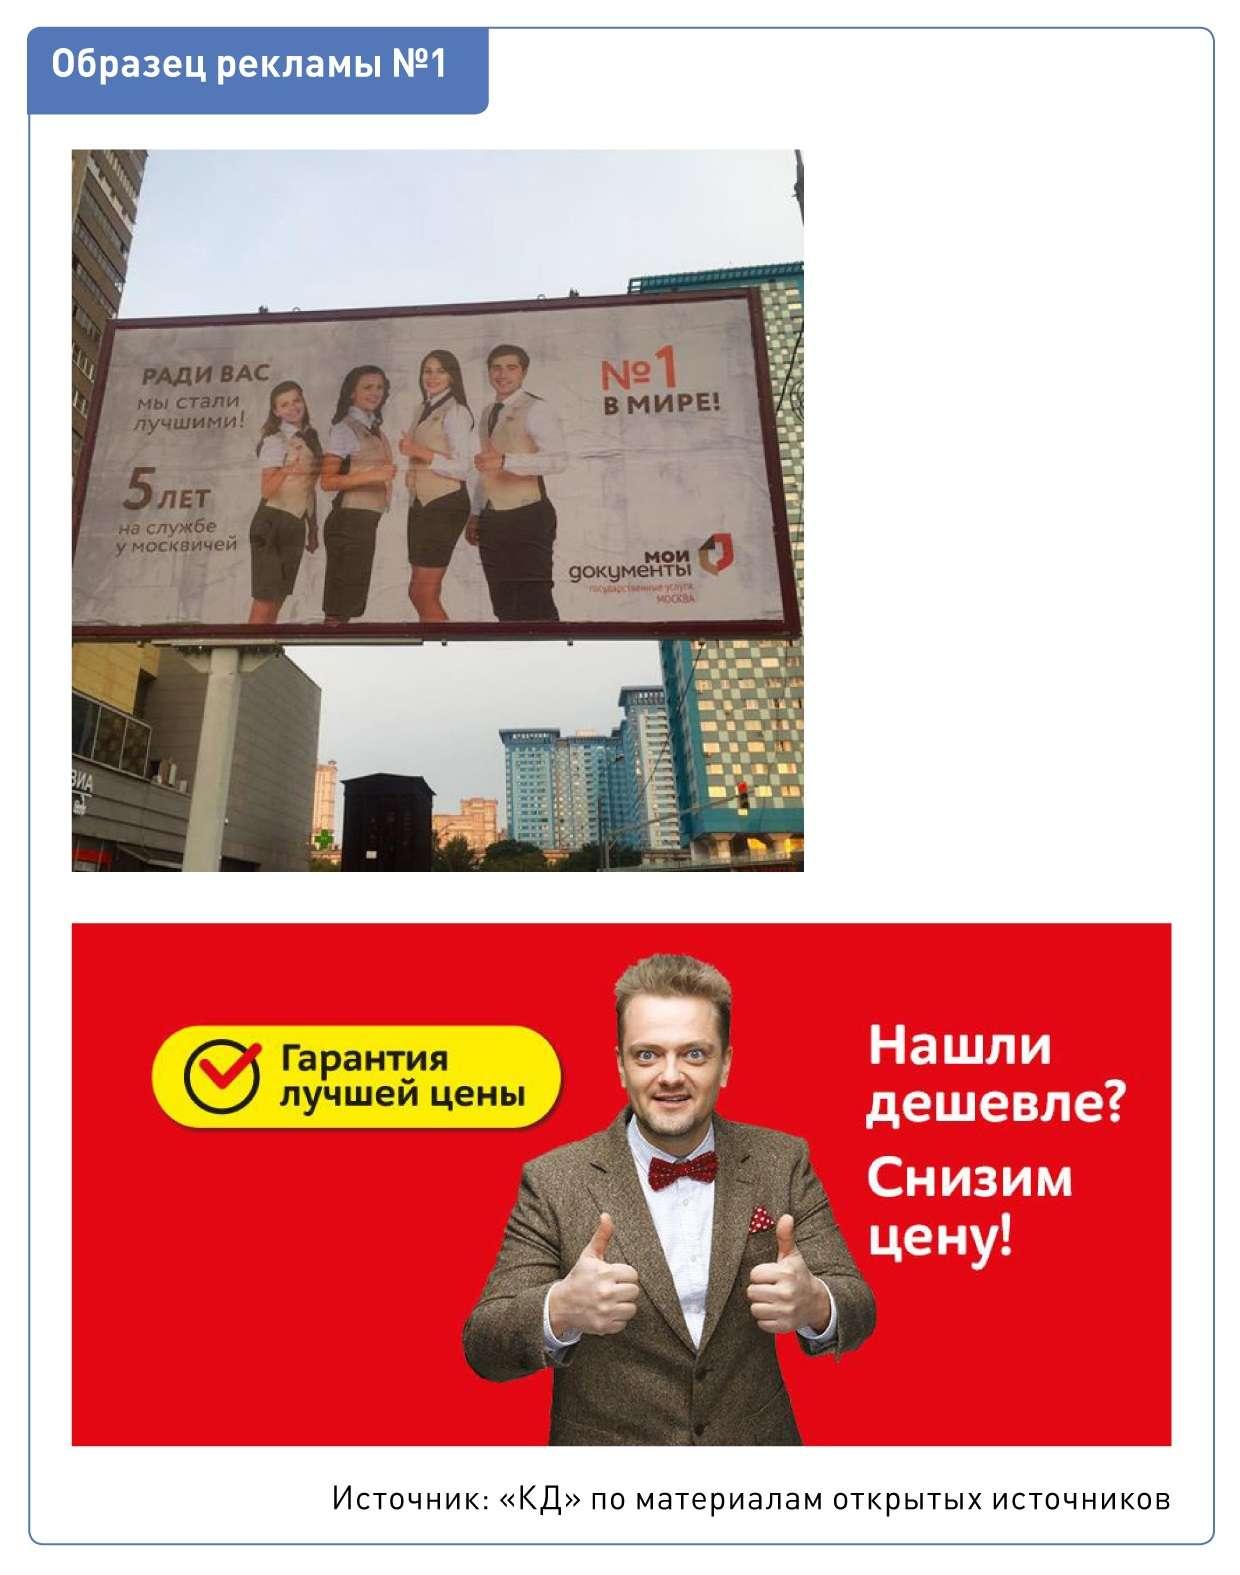 Креативные рекламные слоганы с сексуальным подтекстом